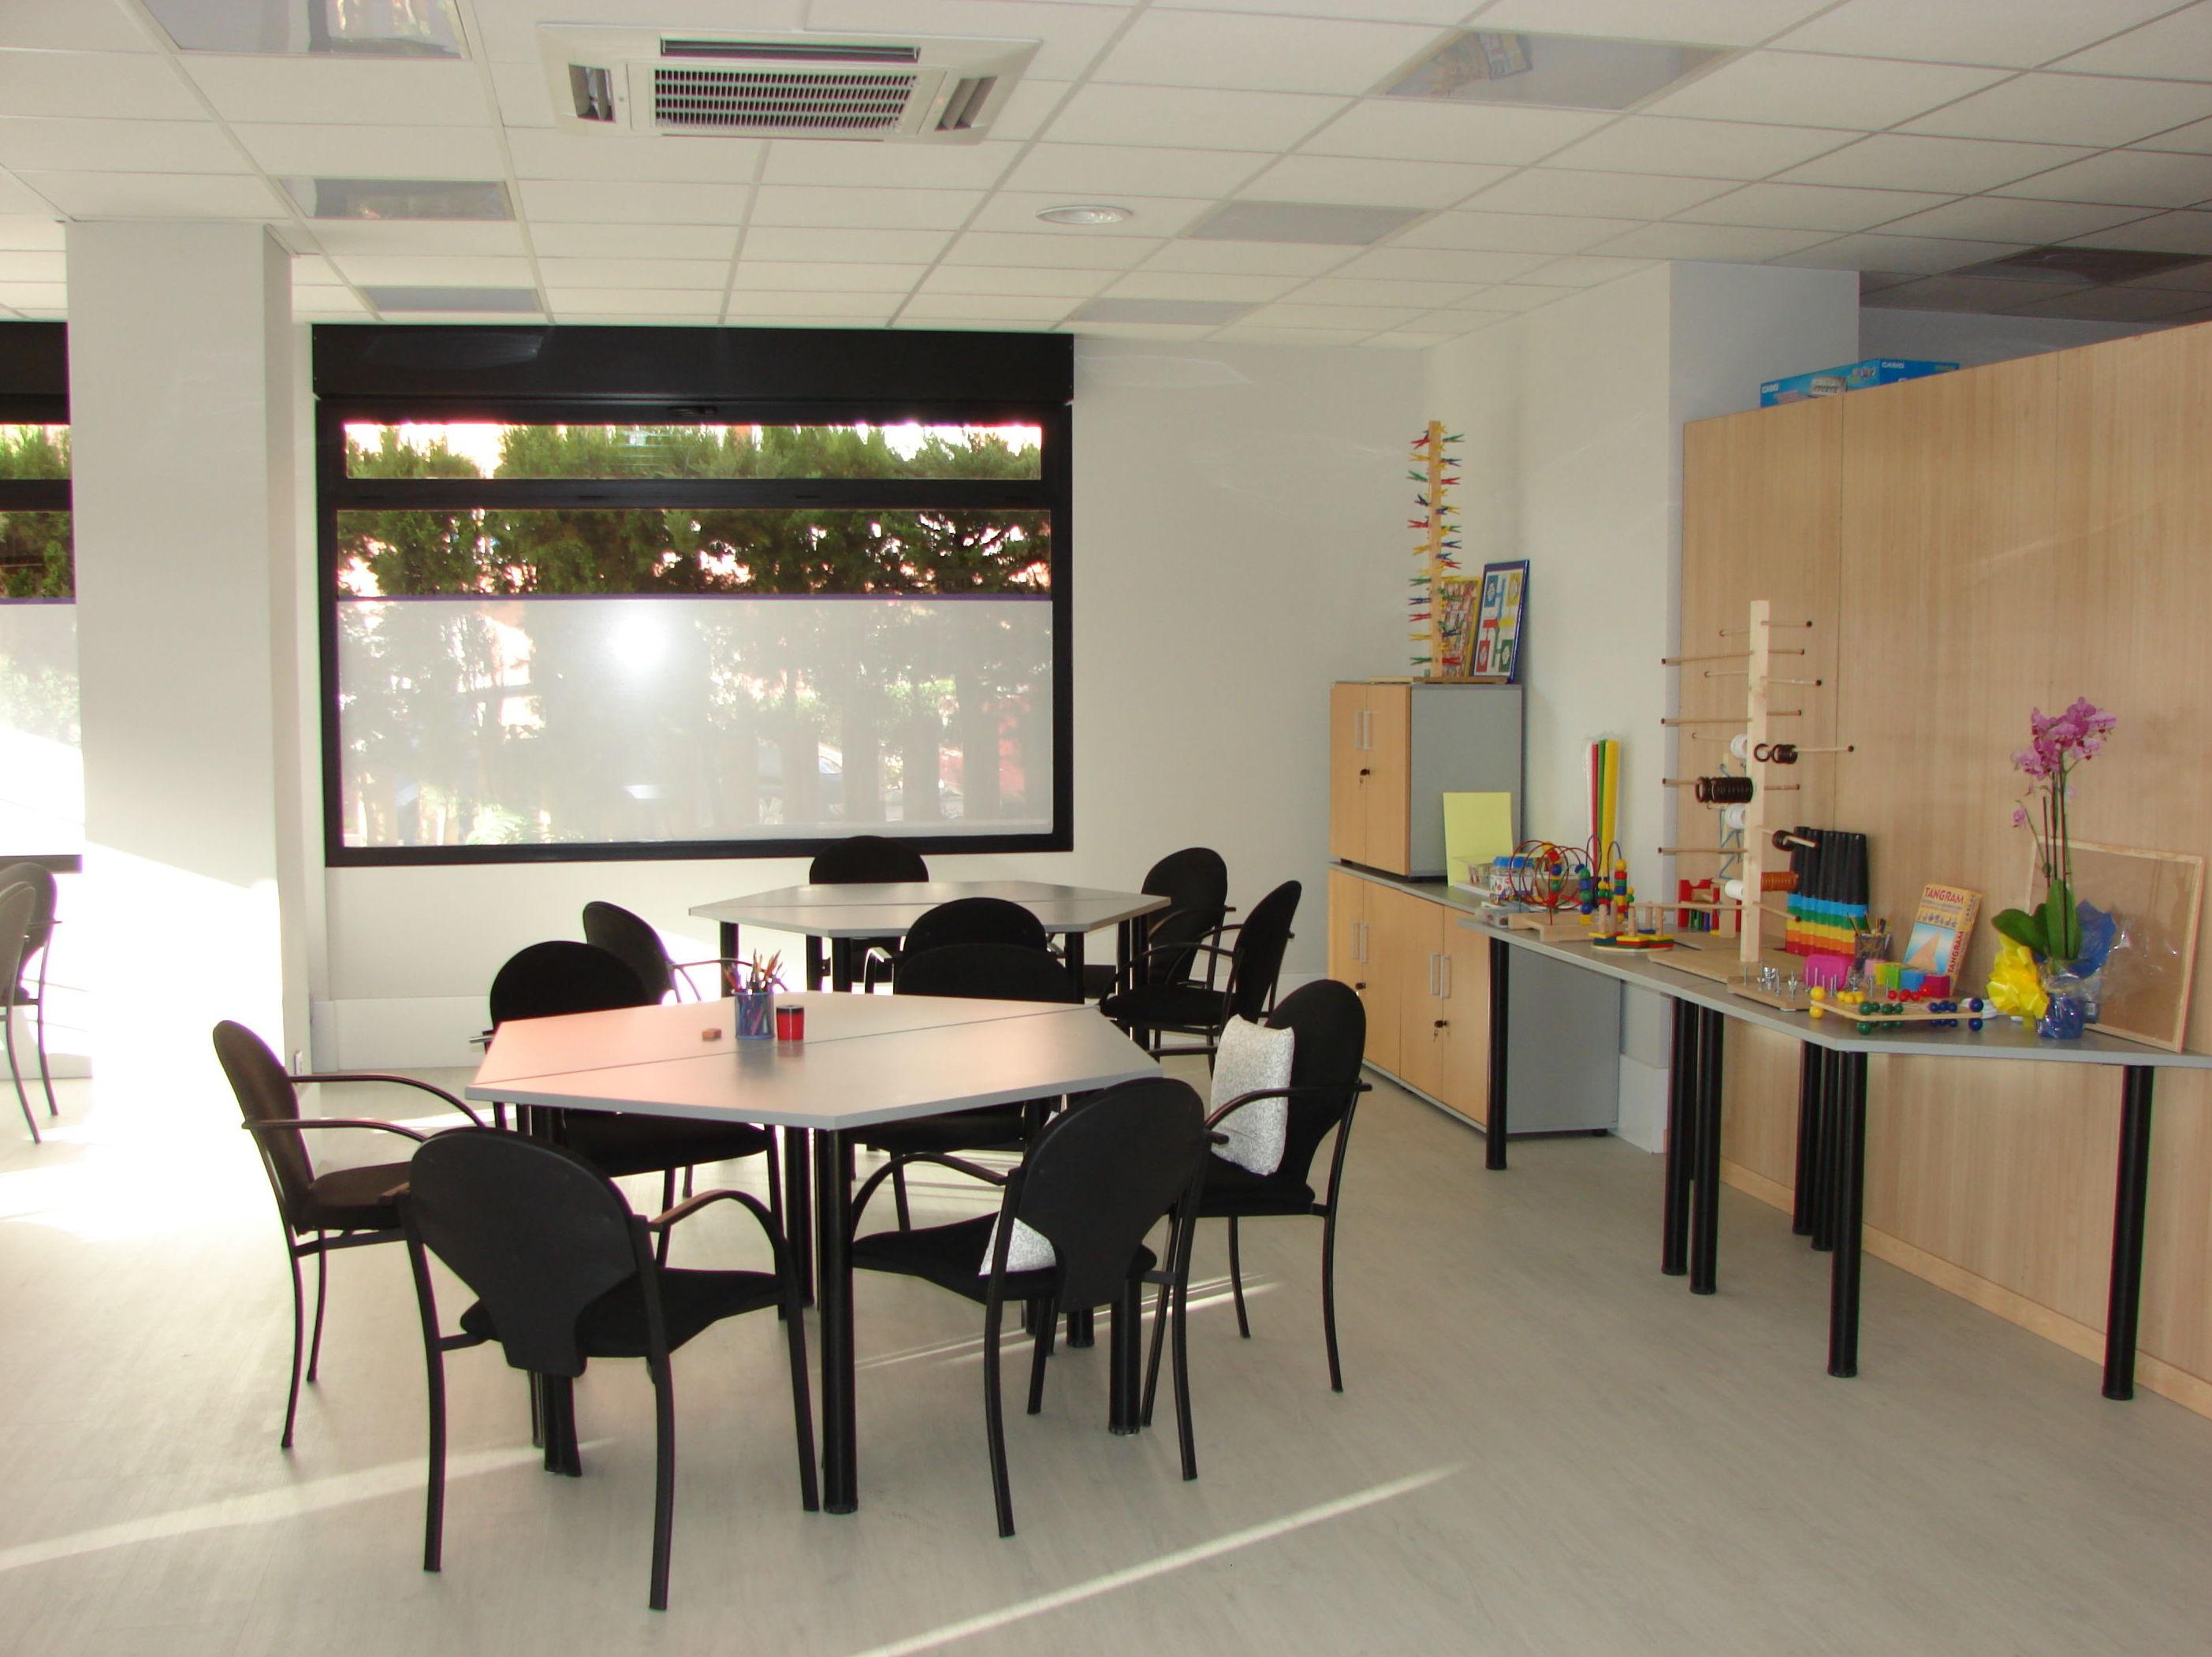 Foto 5 de Centros de día en Palma | Més Vida Centro de Día